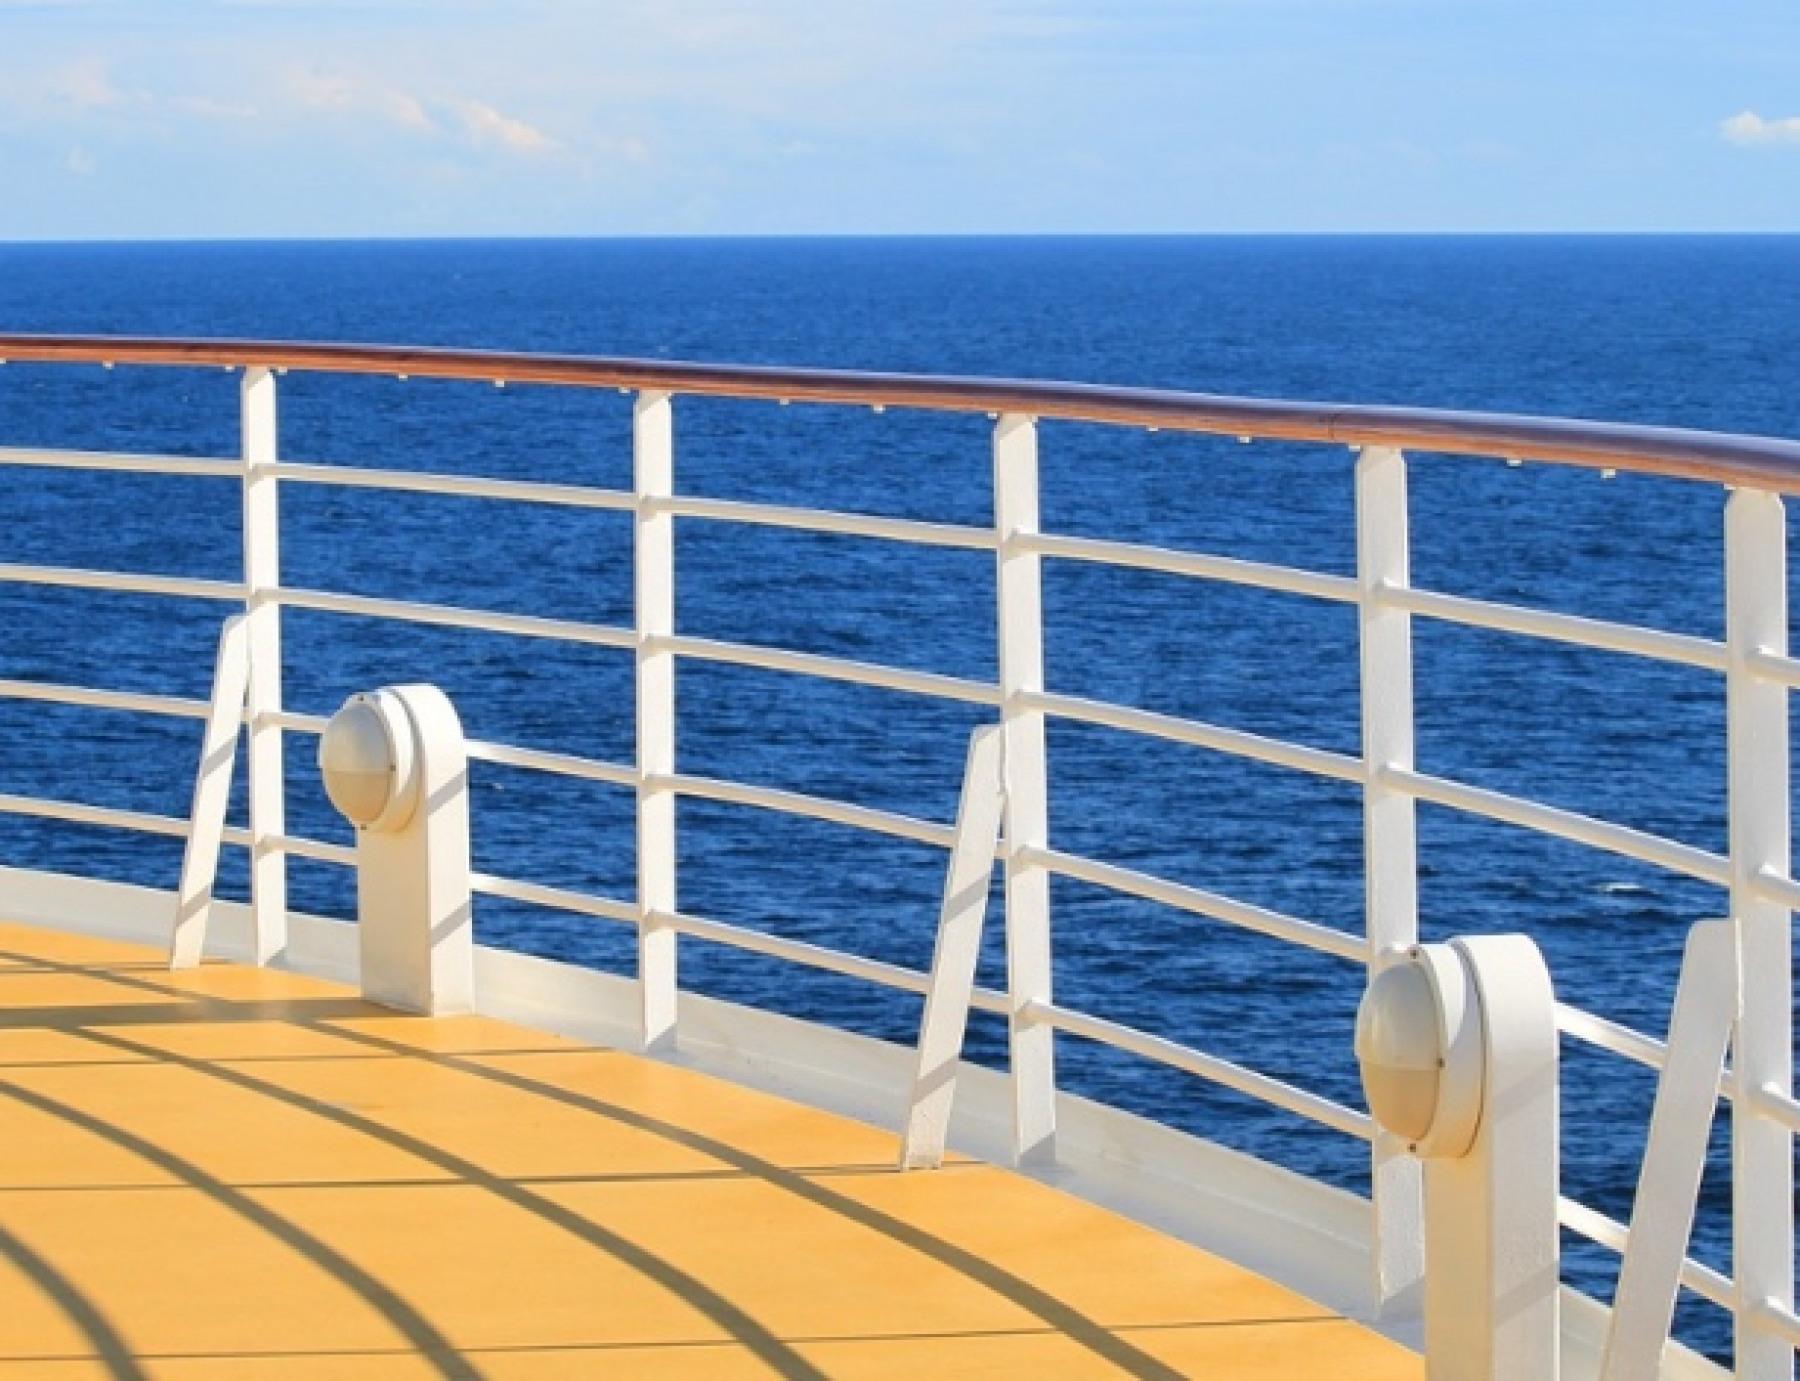 Norwegian Cruise Line Norwegian Jewel Accommodation Picture Window.jpg